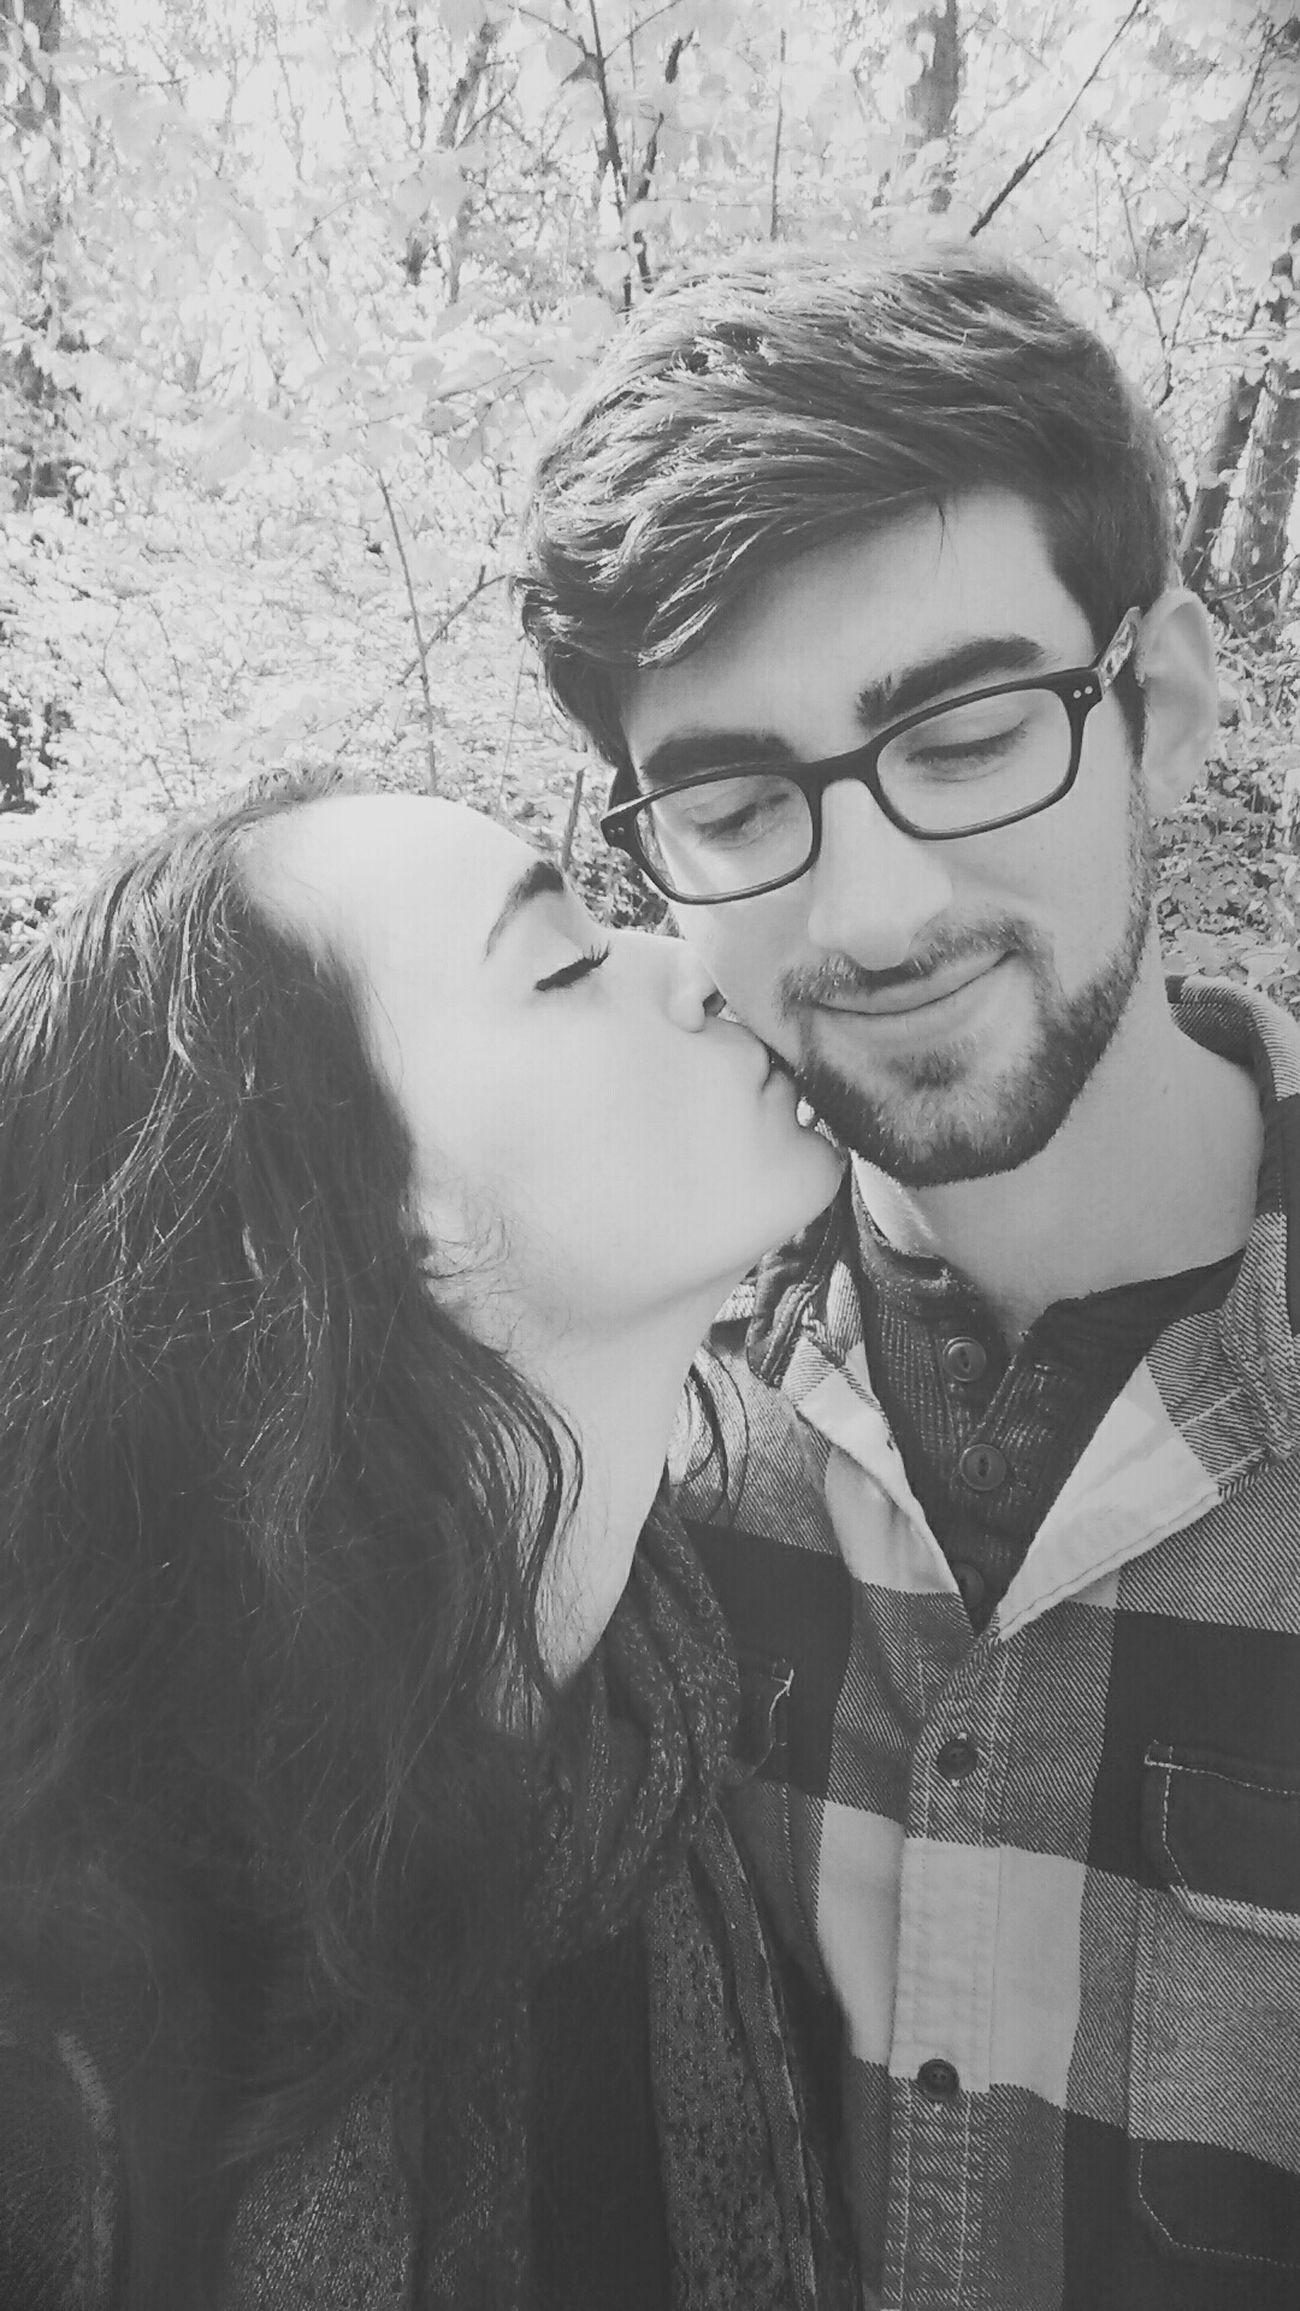 Bestfriend Dearest Couples Walks